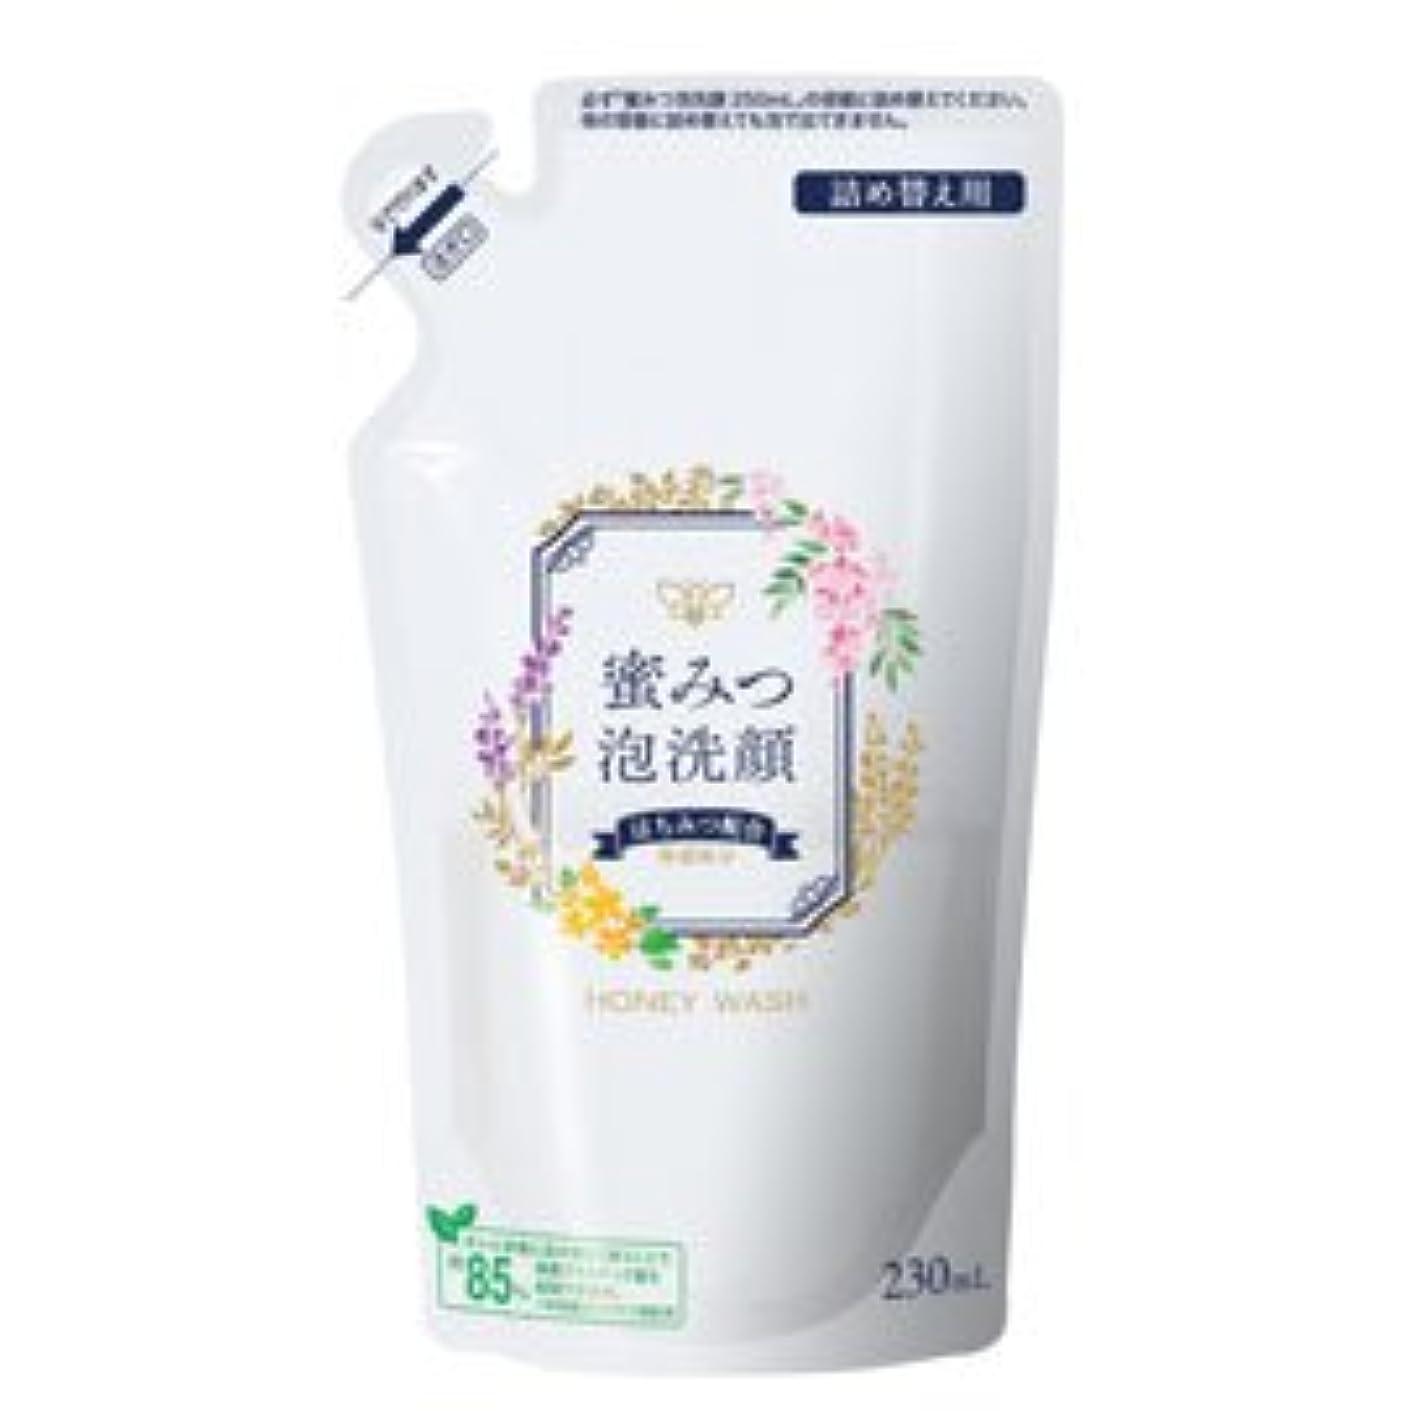 家具パーク領域蜜みつ泡洗顔 230mL(詰替用)